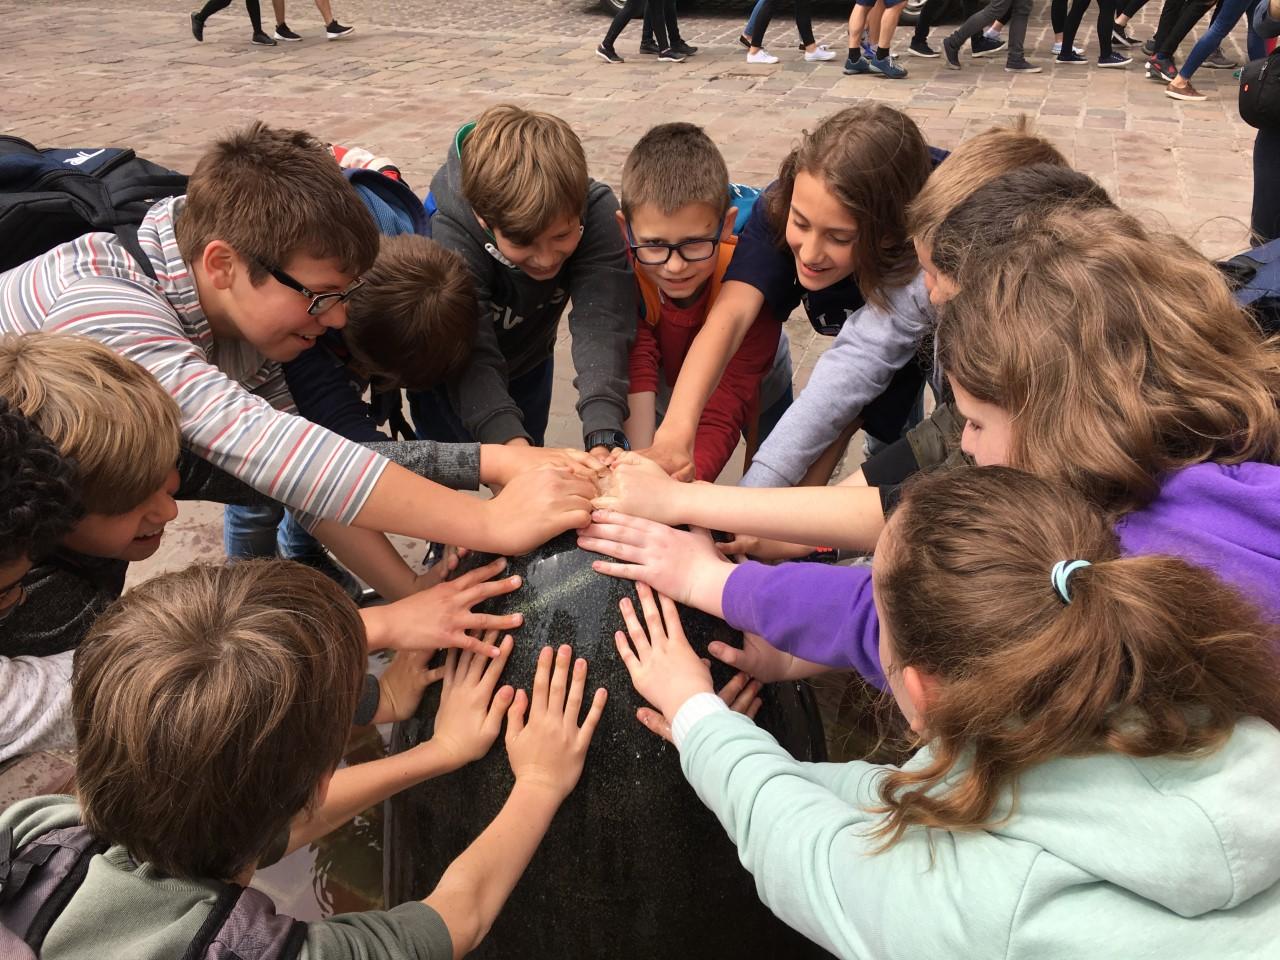 Bilancio positivo per il progetto studentesco dell'istituto Trifone di Montecorvino